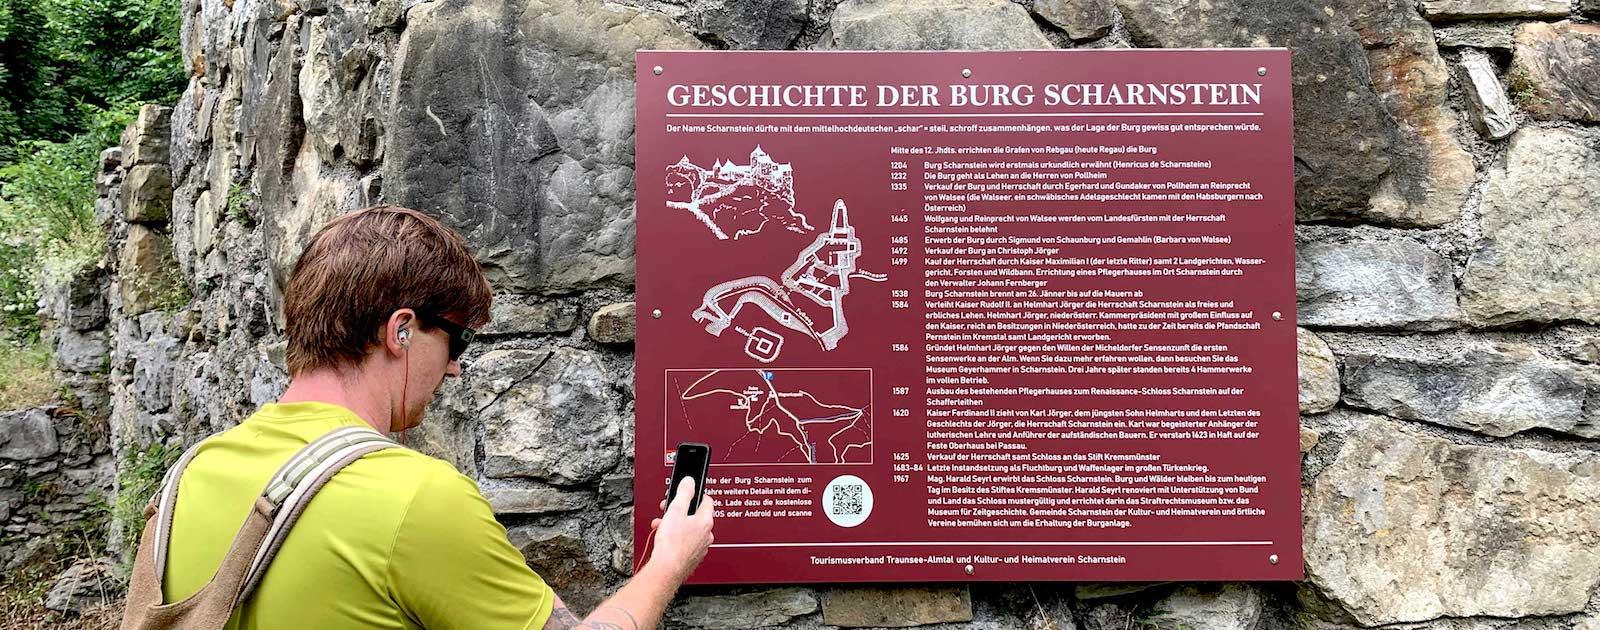 Blogteaser image of Ruin Scharnstein